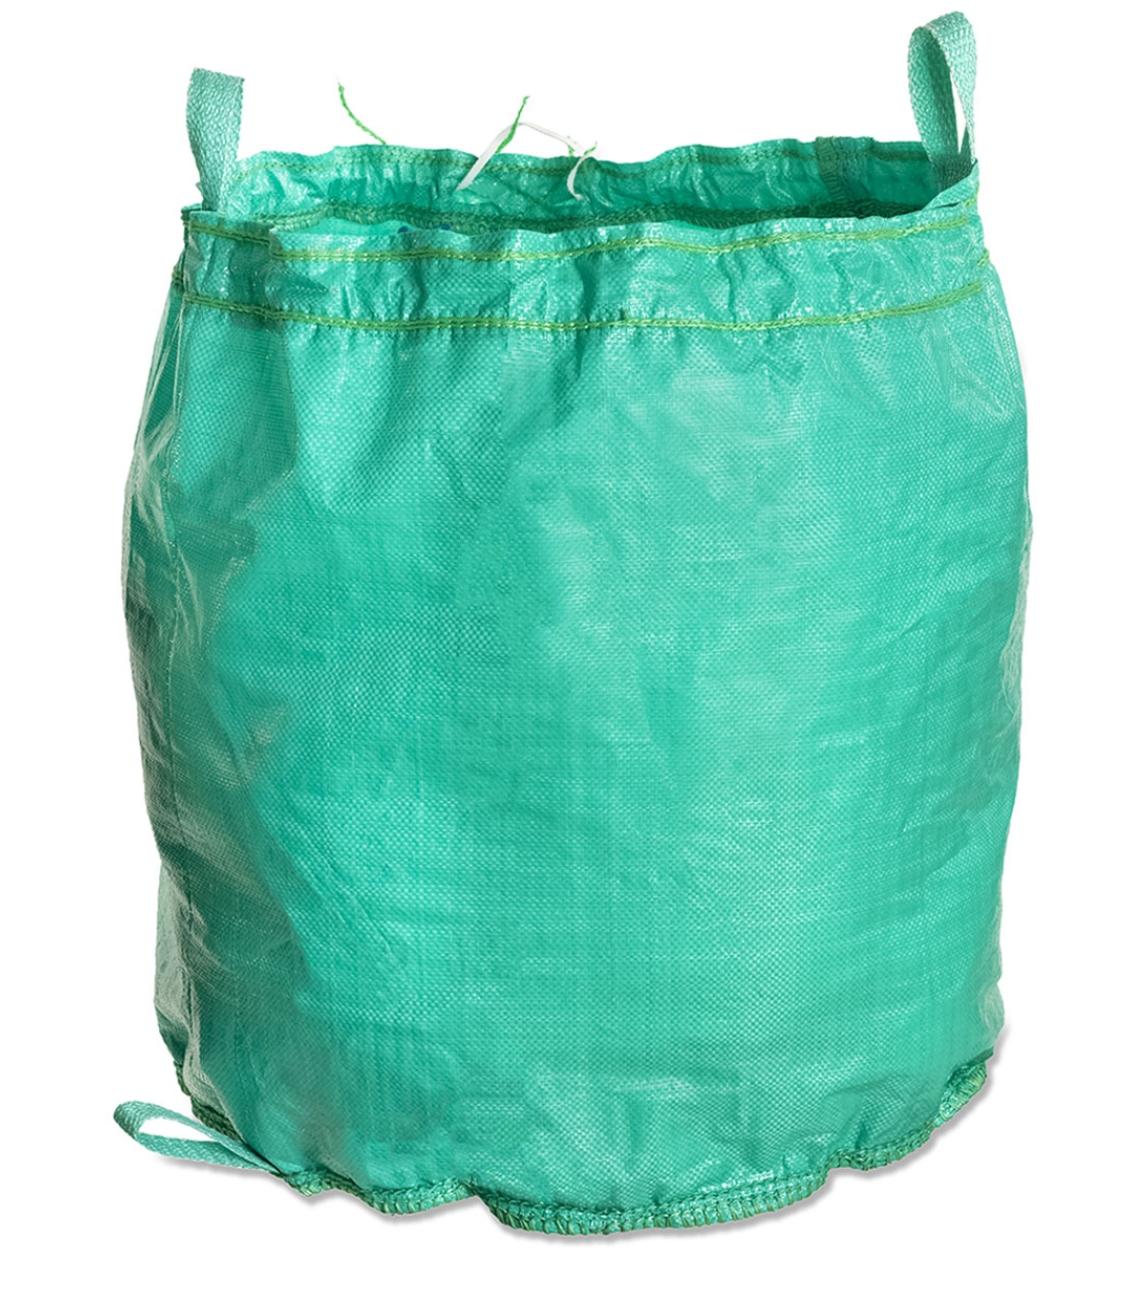 САДОВАЯ СУМКА Мешок для мусора Листья для мусора 270 л ЗЕЛЕНЫЙ